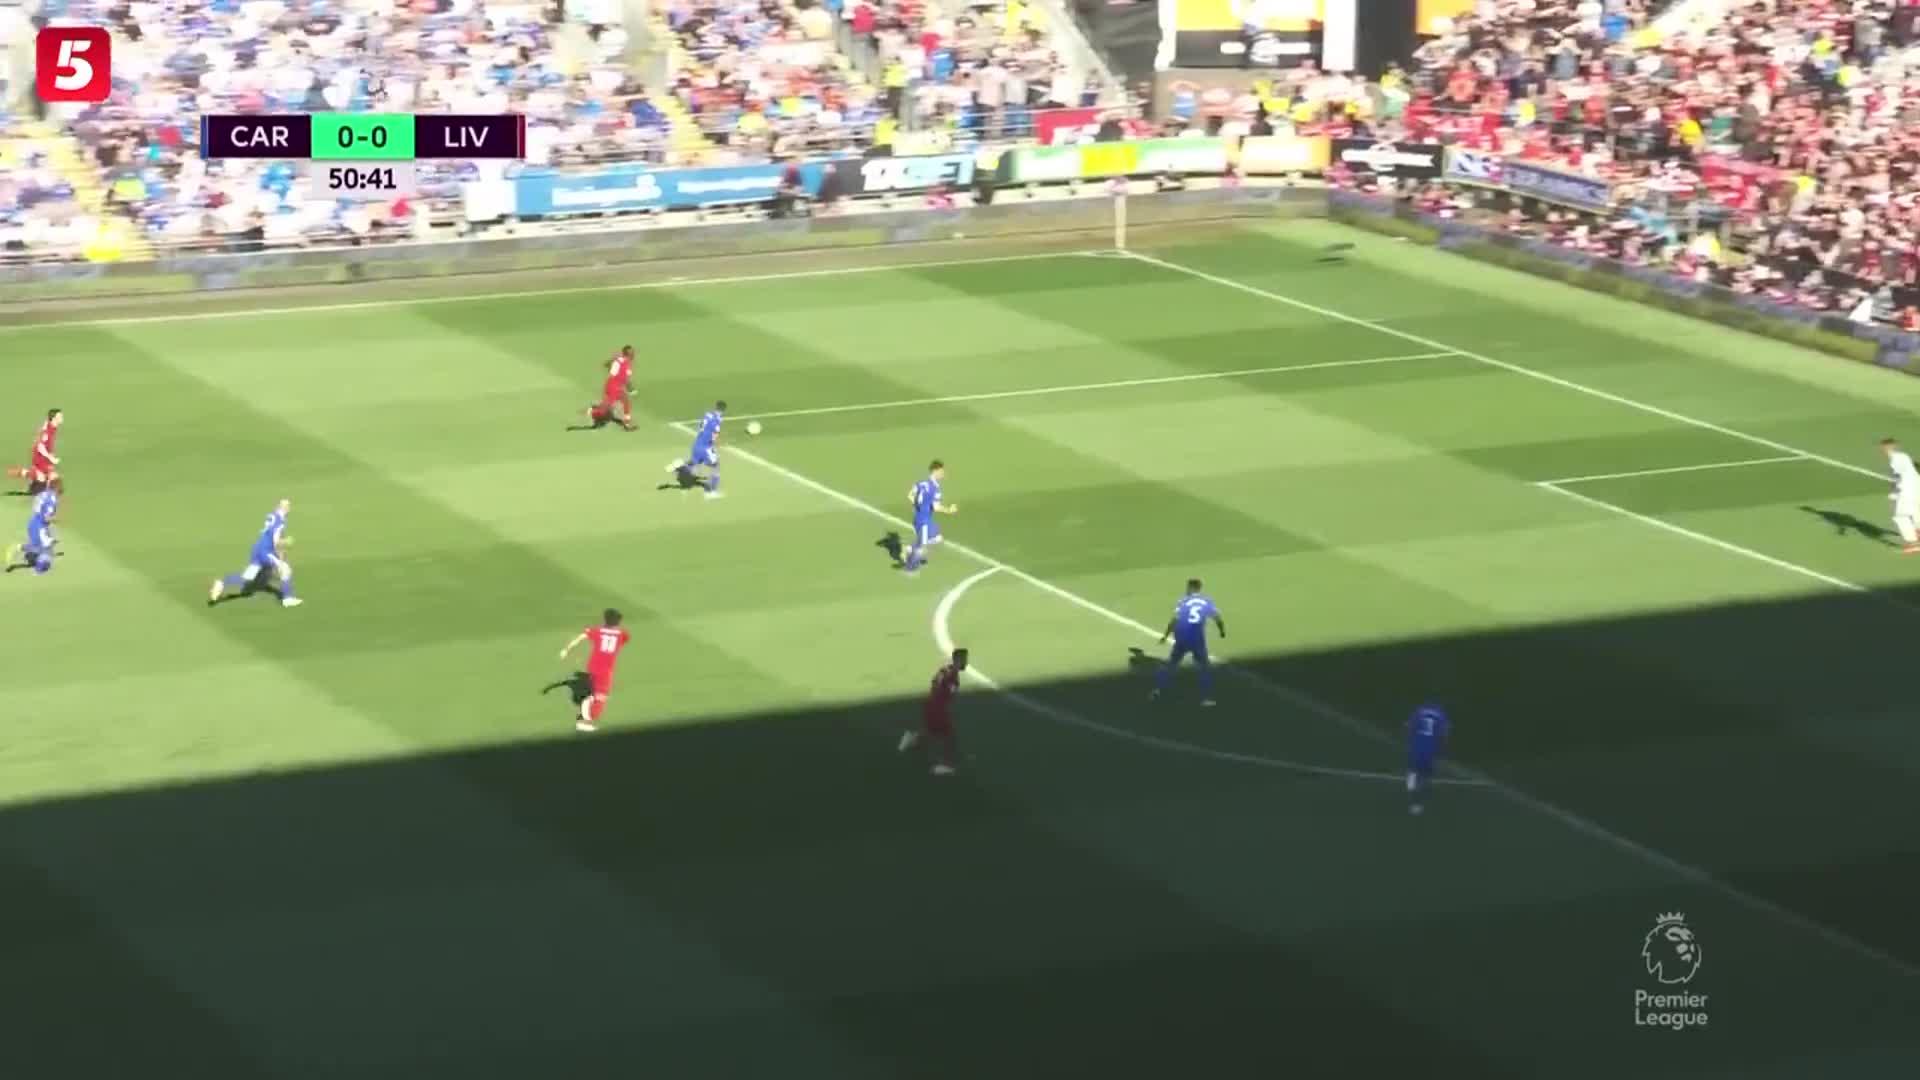 [视频]英超:利物浦2-0胜升至榜首 维纳尔杜姆破门米尔纳点射